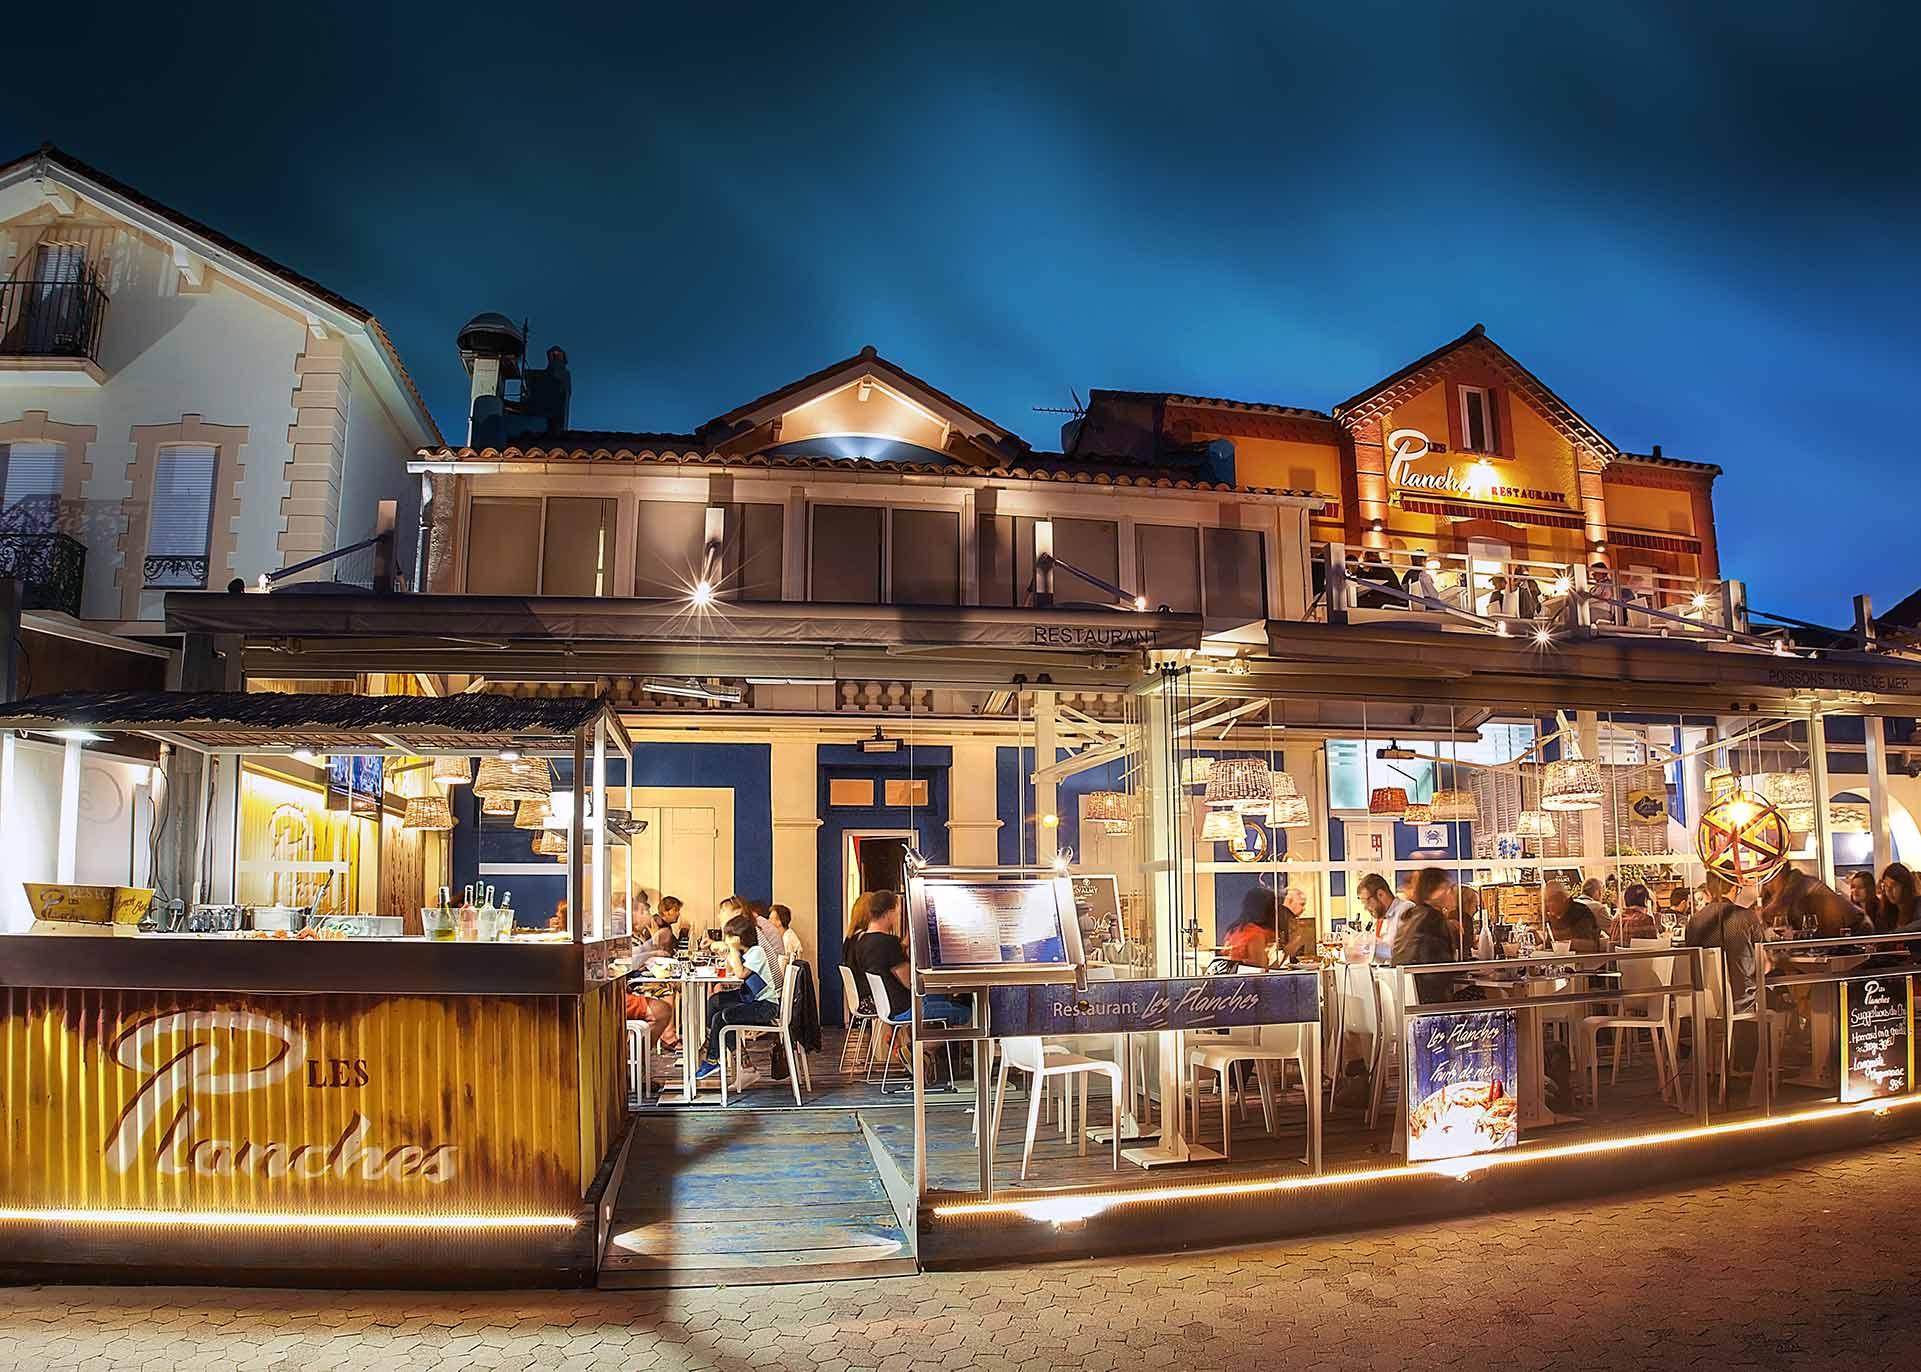 Restaurant-Les-Planches-Argeles-sur-Mer-Specialite-Poissons-Fruits-de-Mer-Nuit-Bon